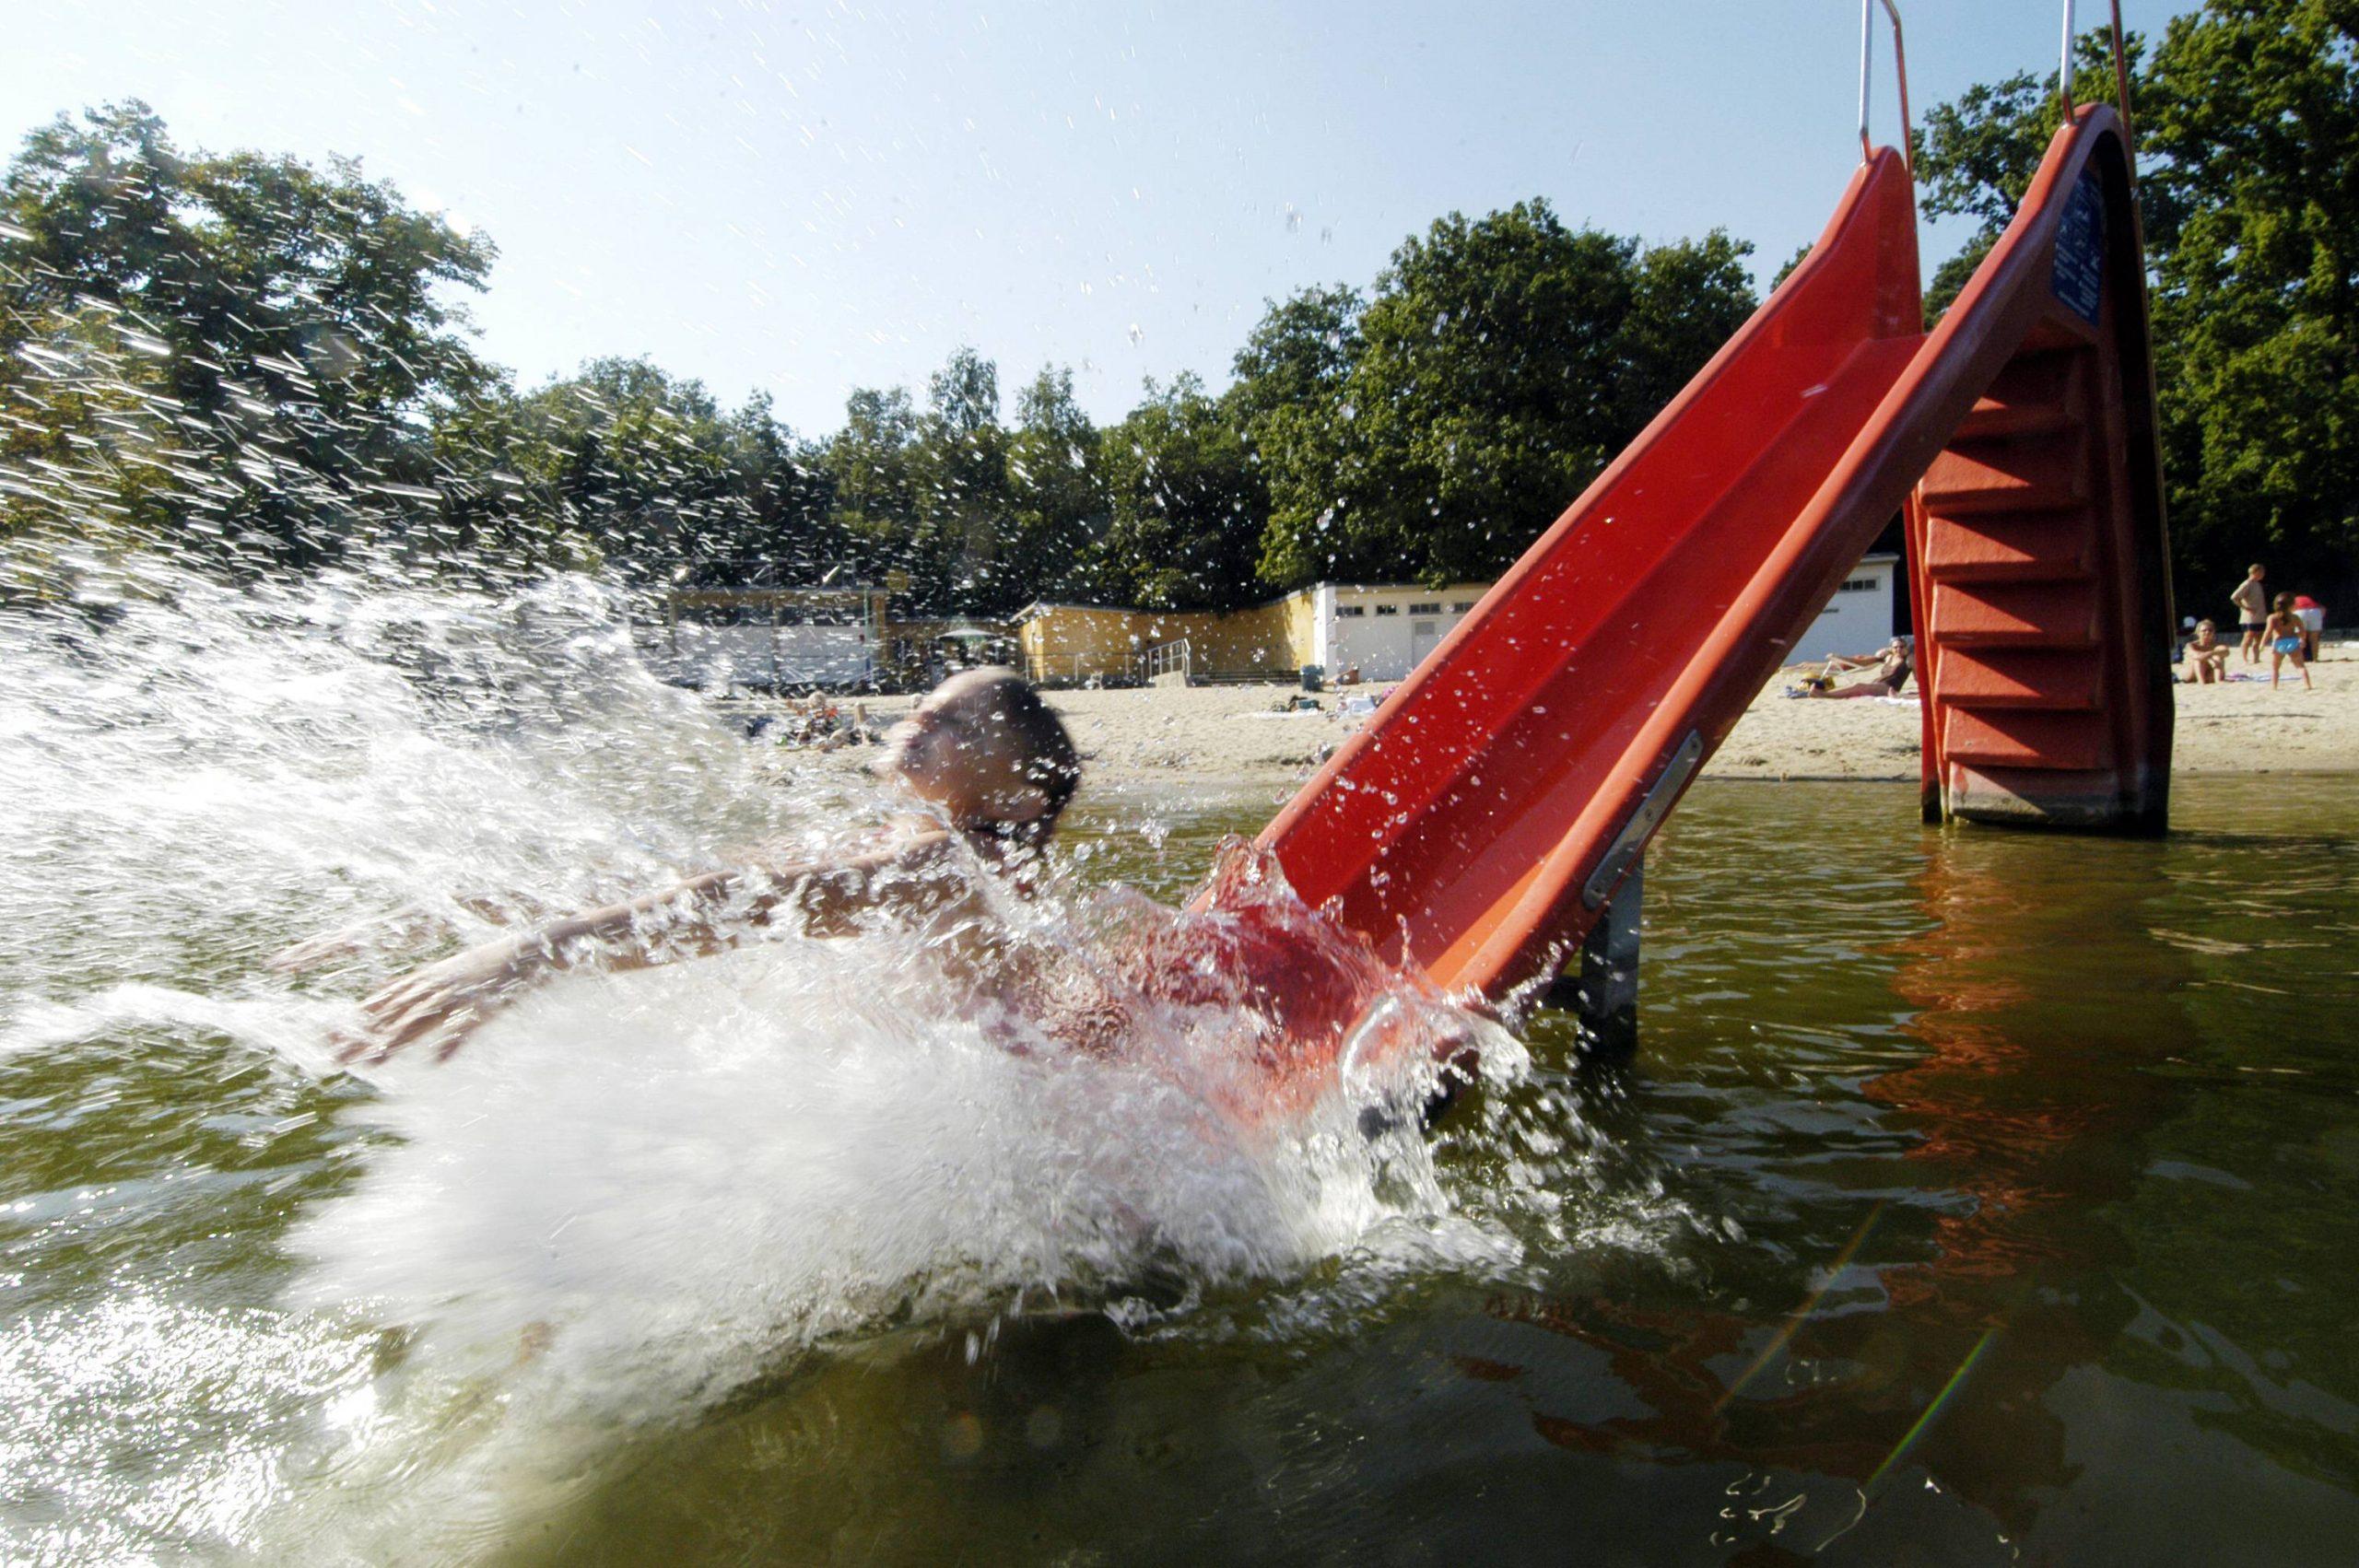 Jede Menge Spaß und Action finden Wasserratten am Jungfernheidesee.